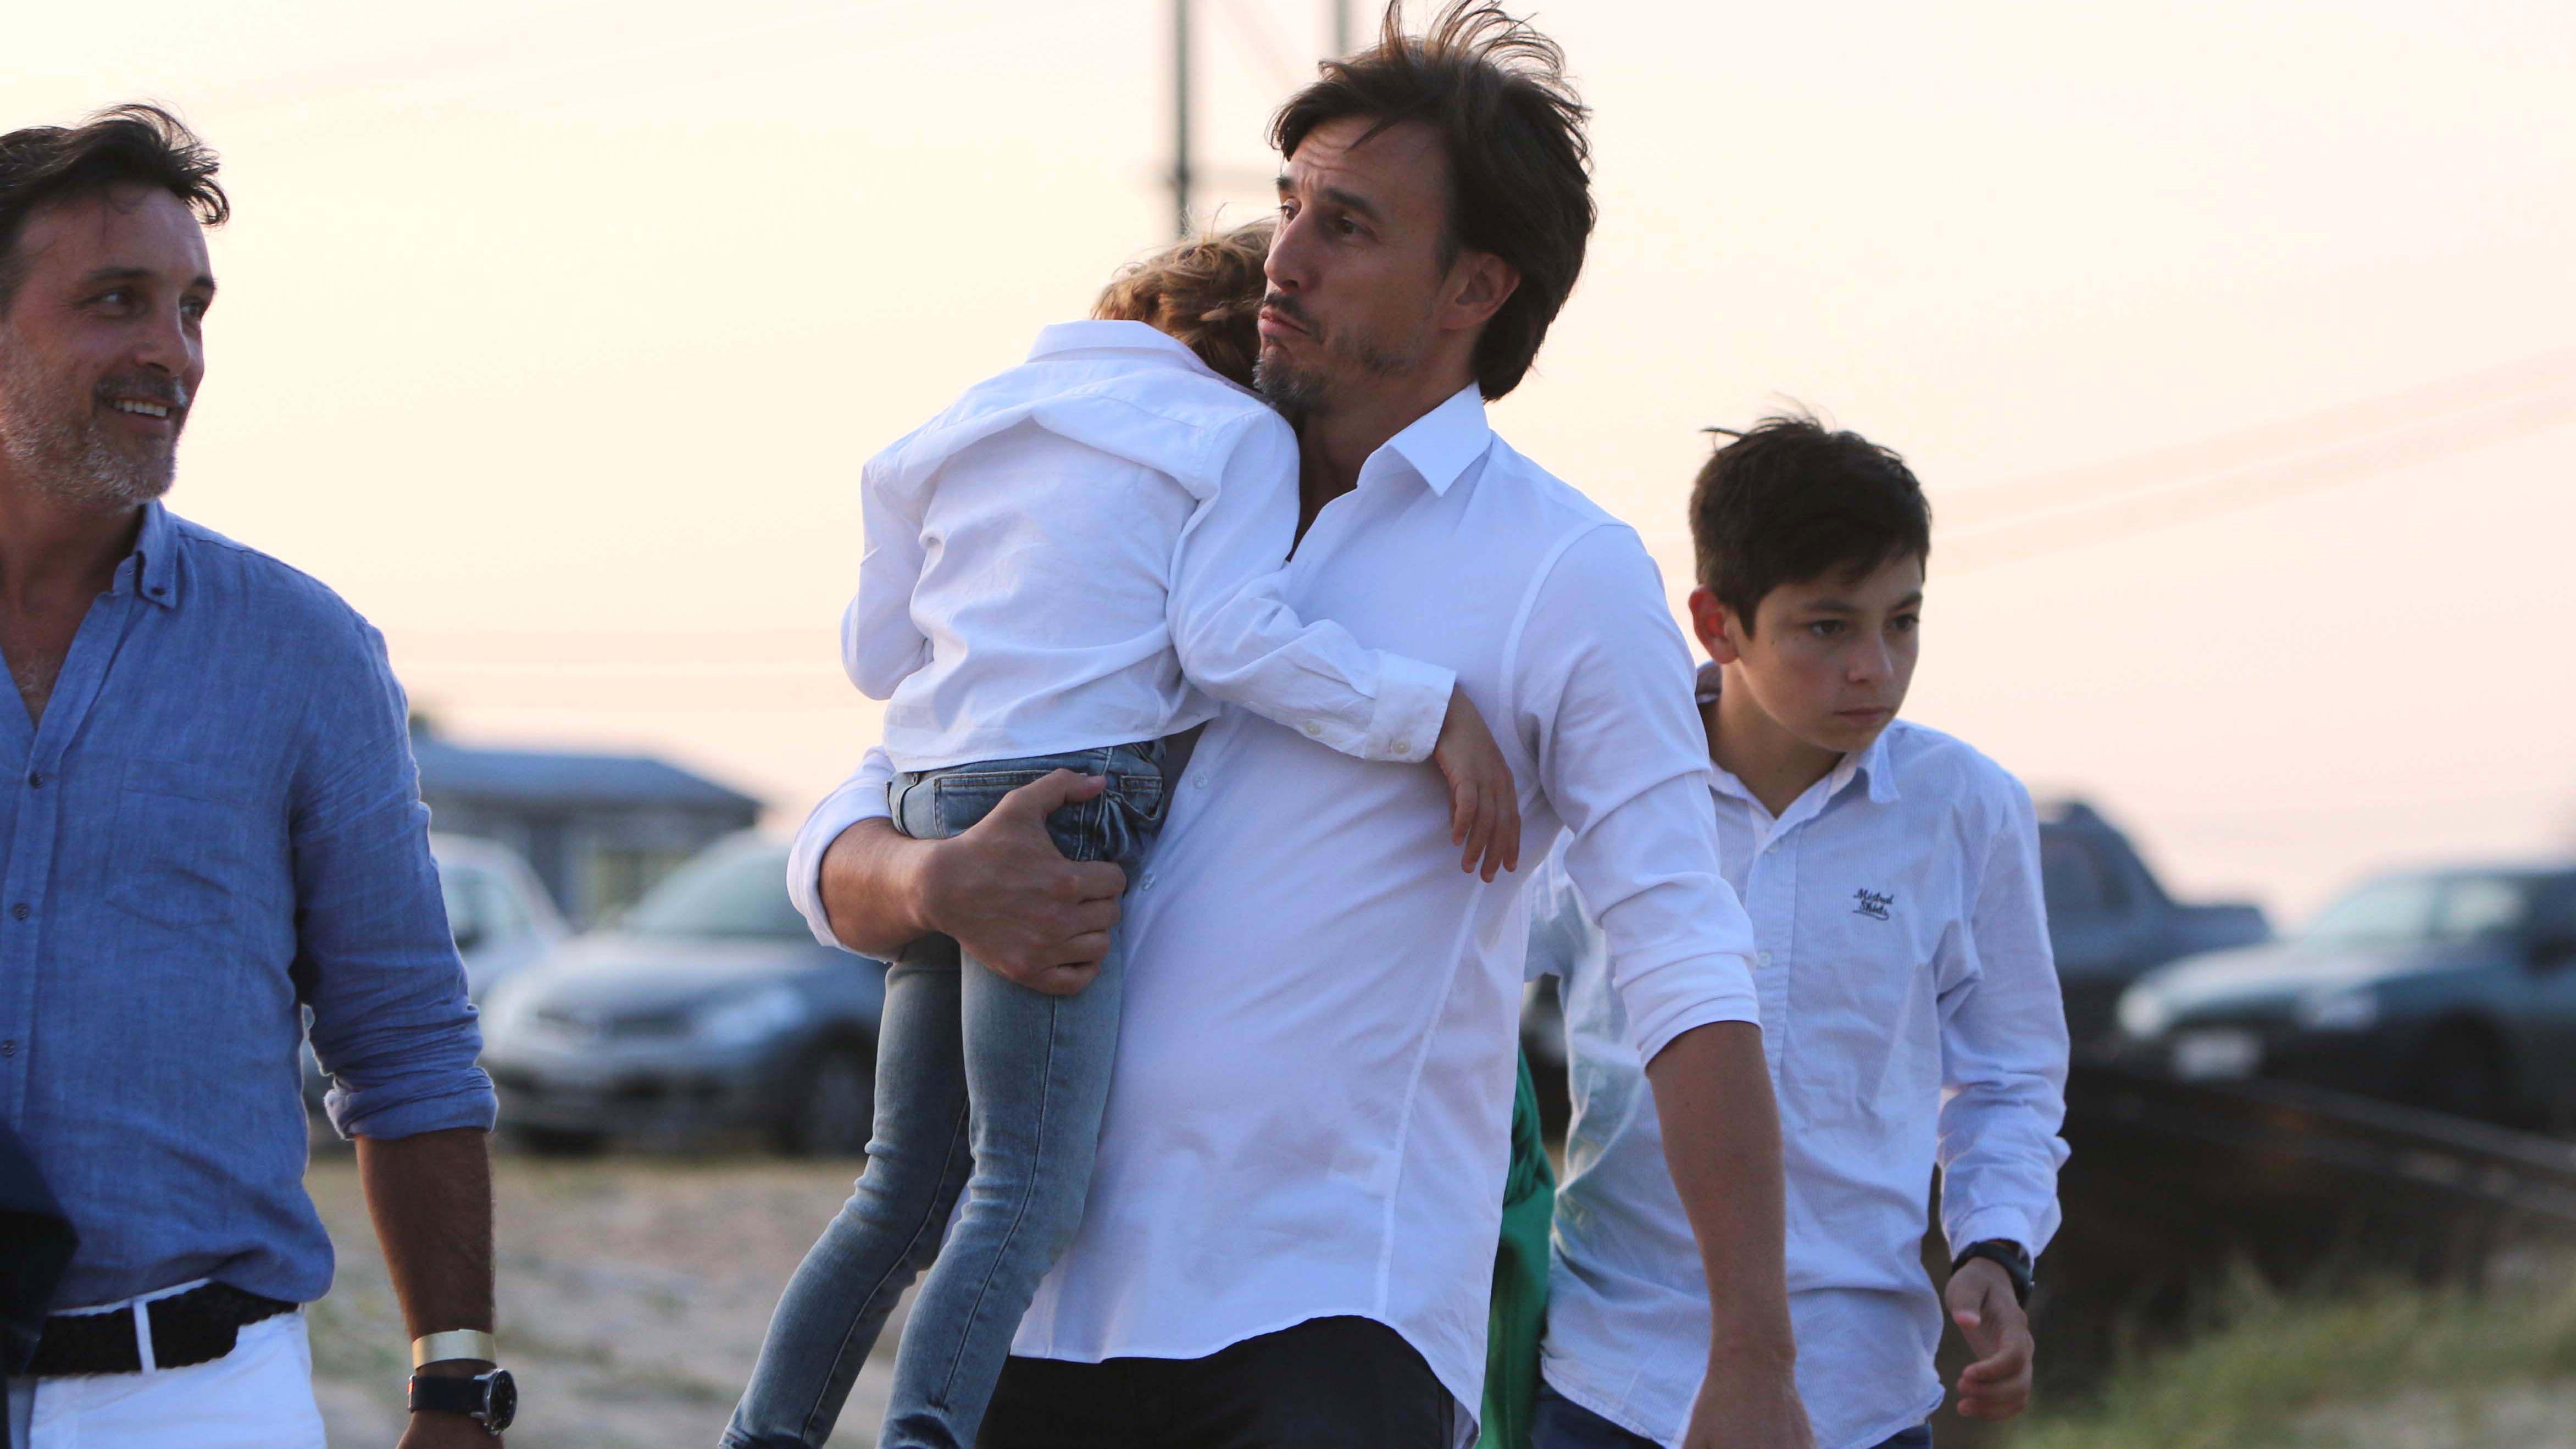 Fin de fiesta: Roberto, con uno de los hijos de Pampita en brazos (Fotos: GM Press)